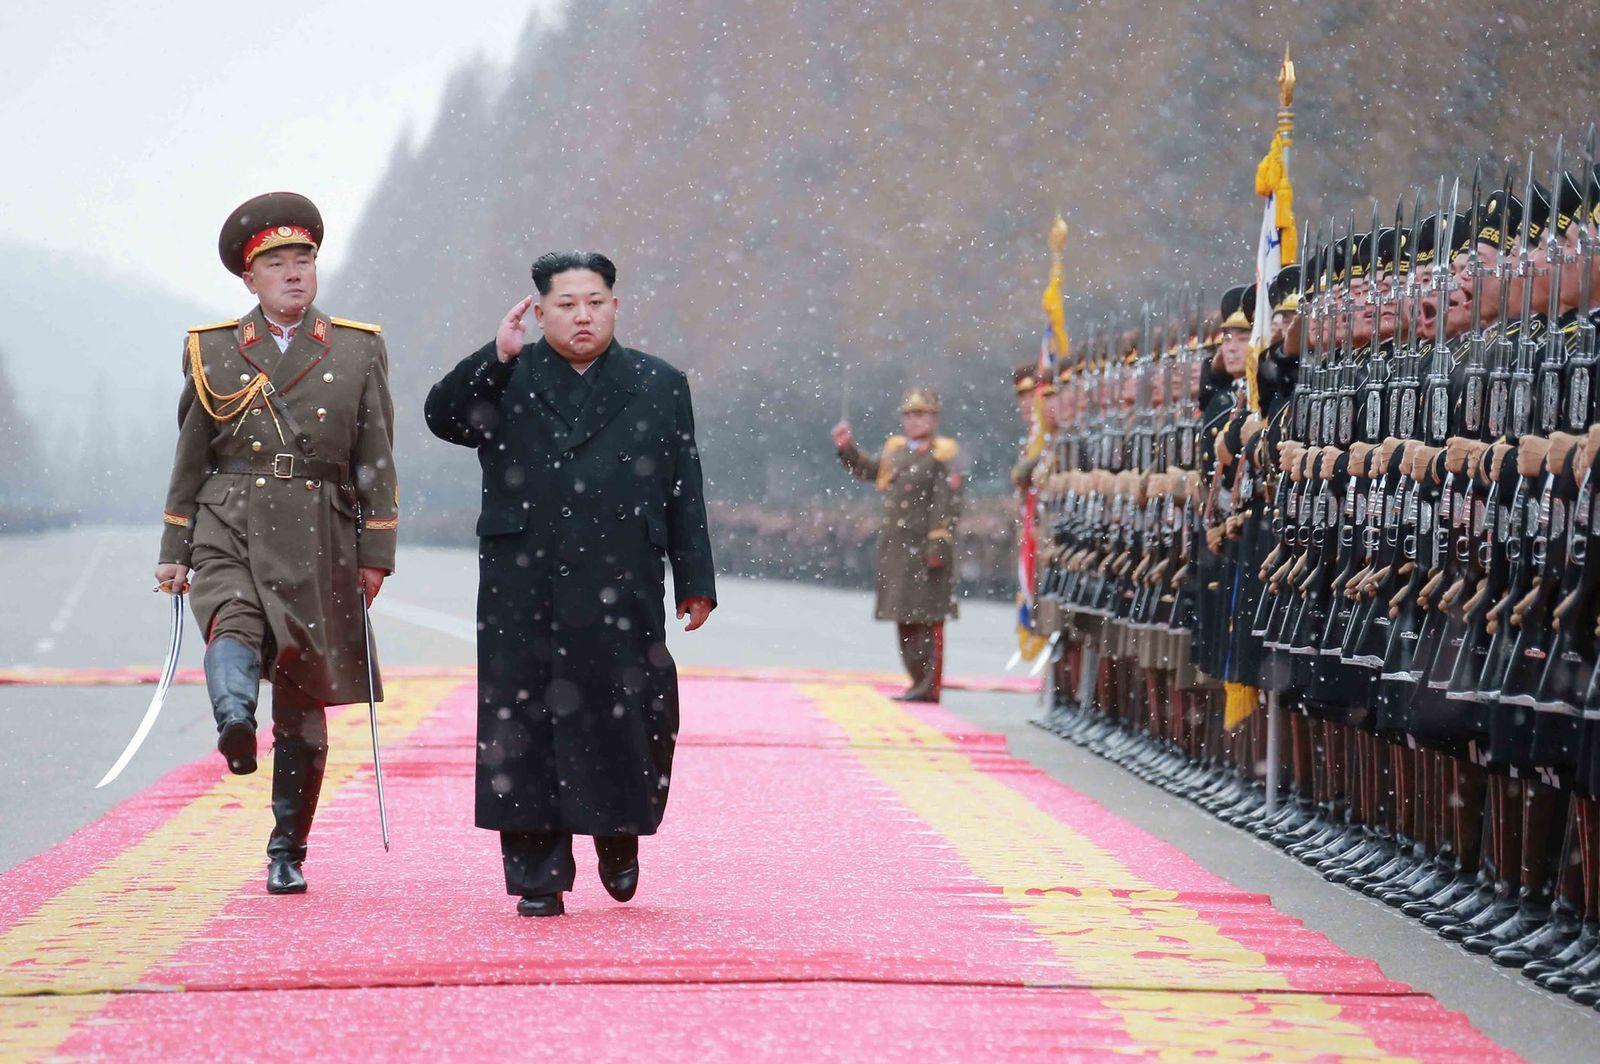 Kim Jong Un/Nordkorea